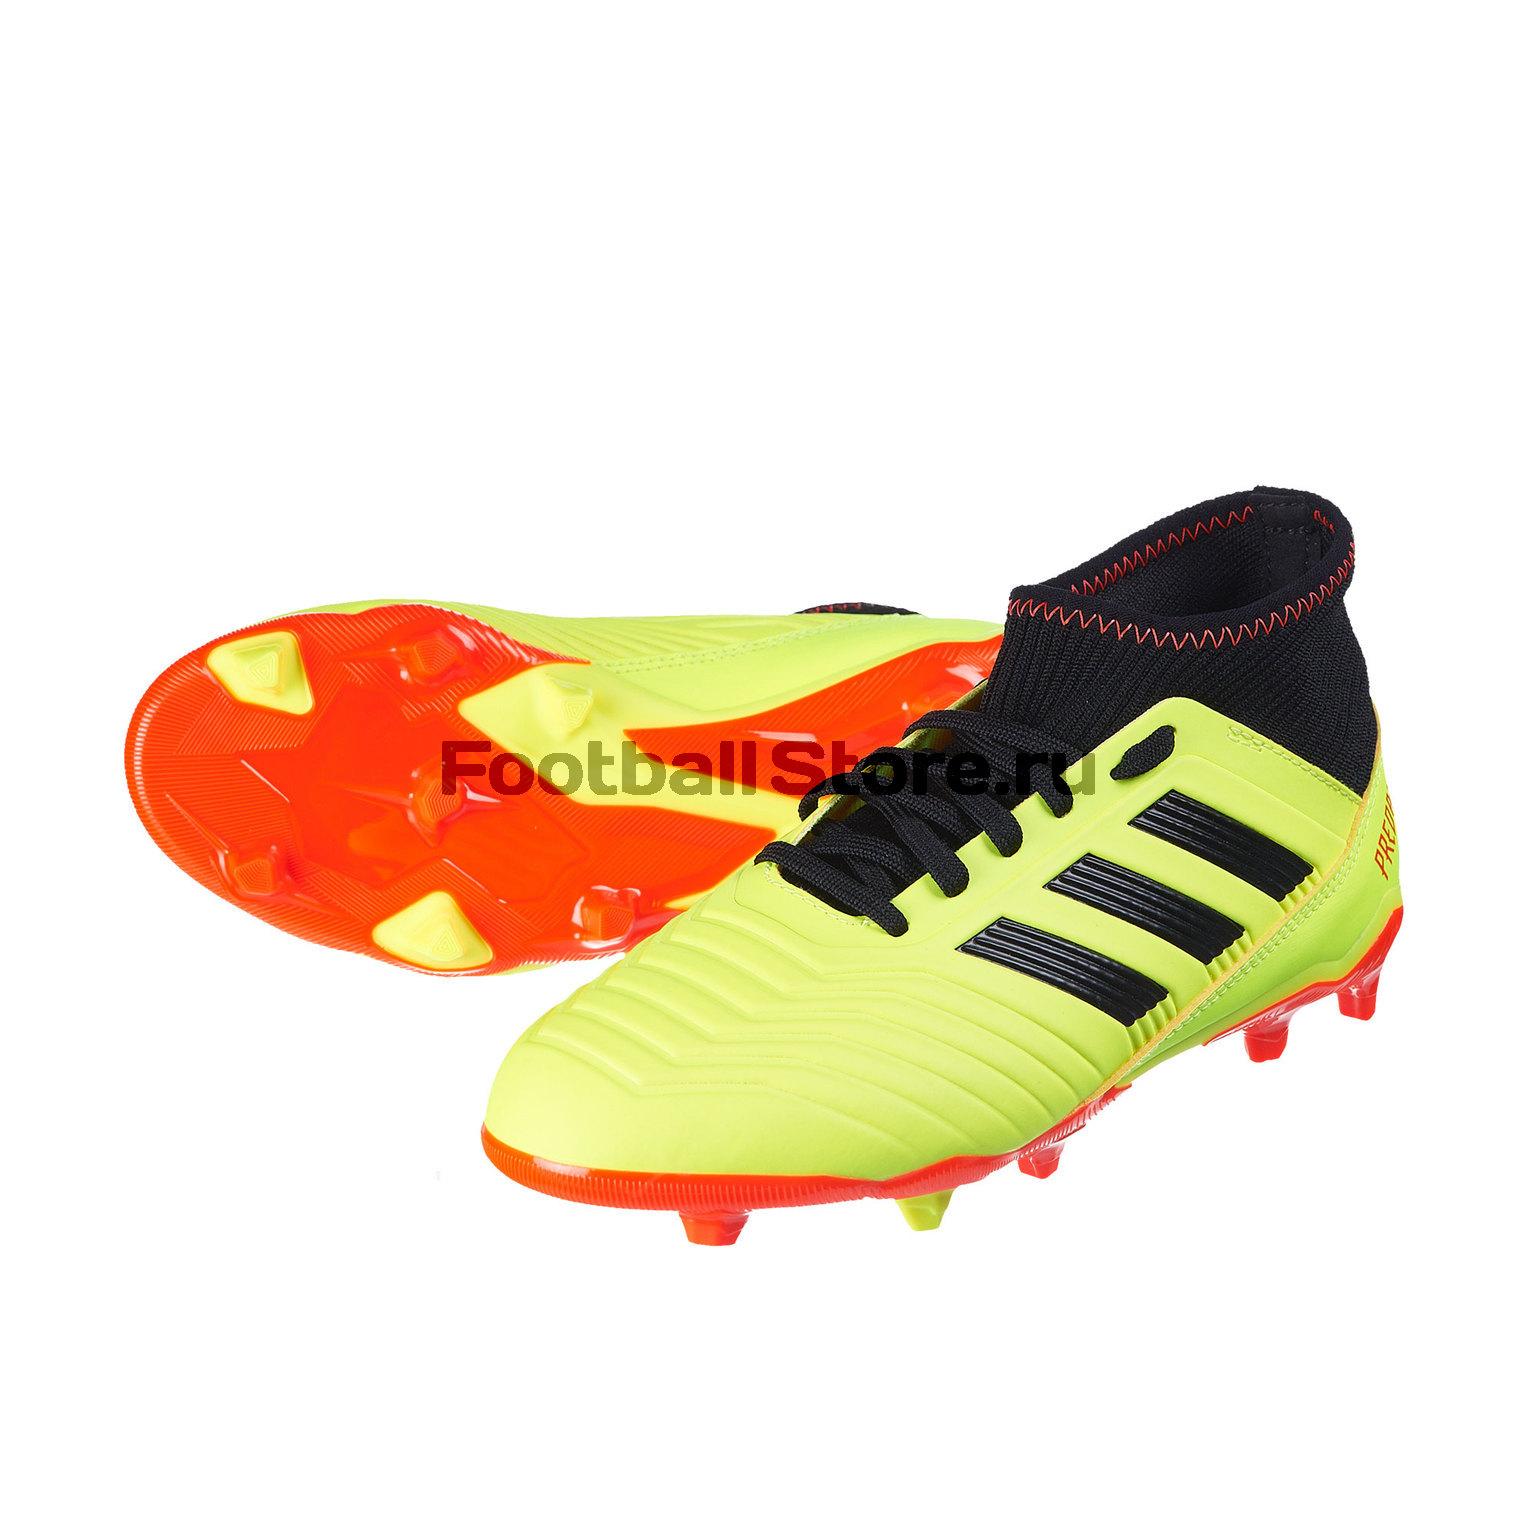 Бутсы детские Adidas Predator 18.3 FG DB2319 бутсы adidas predator 18 fg db2010